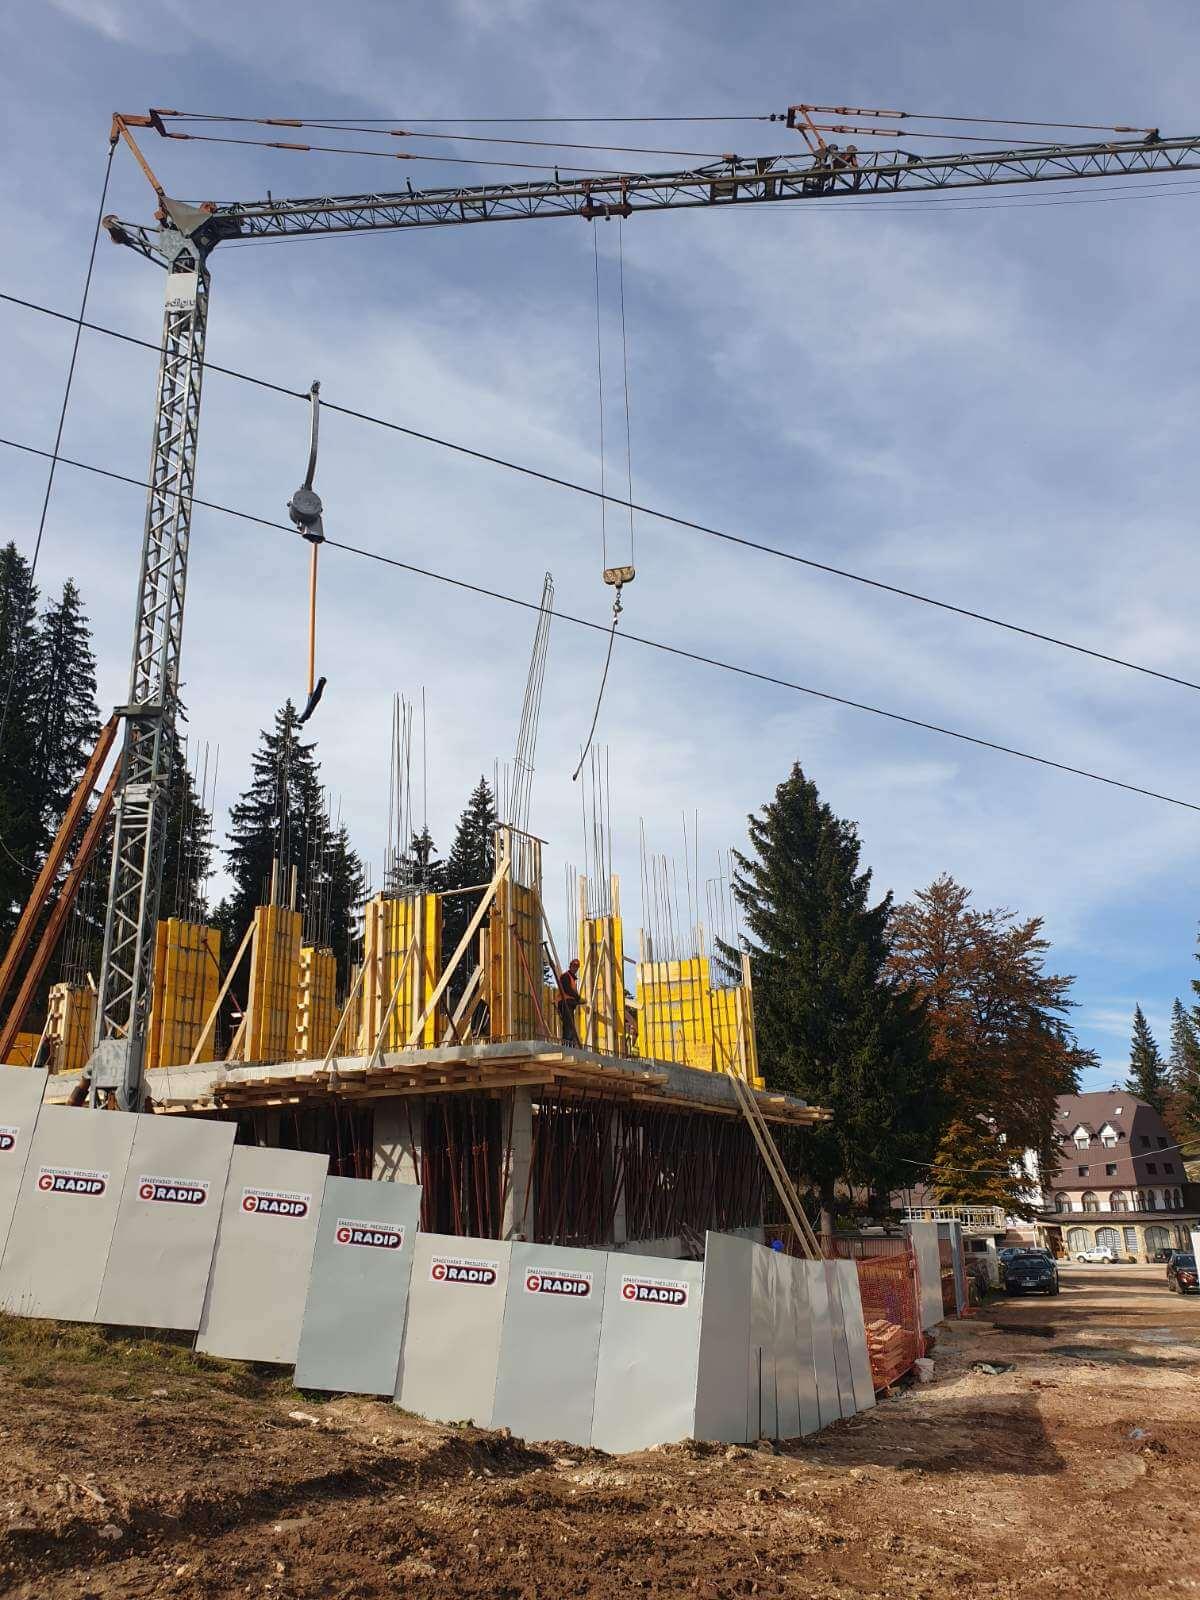 Stanje na gradilistu Poljice oktobar 2020